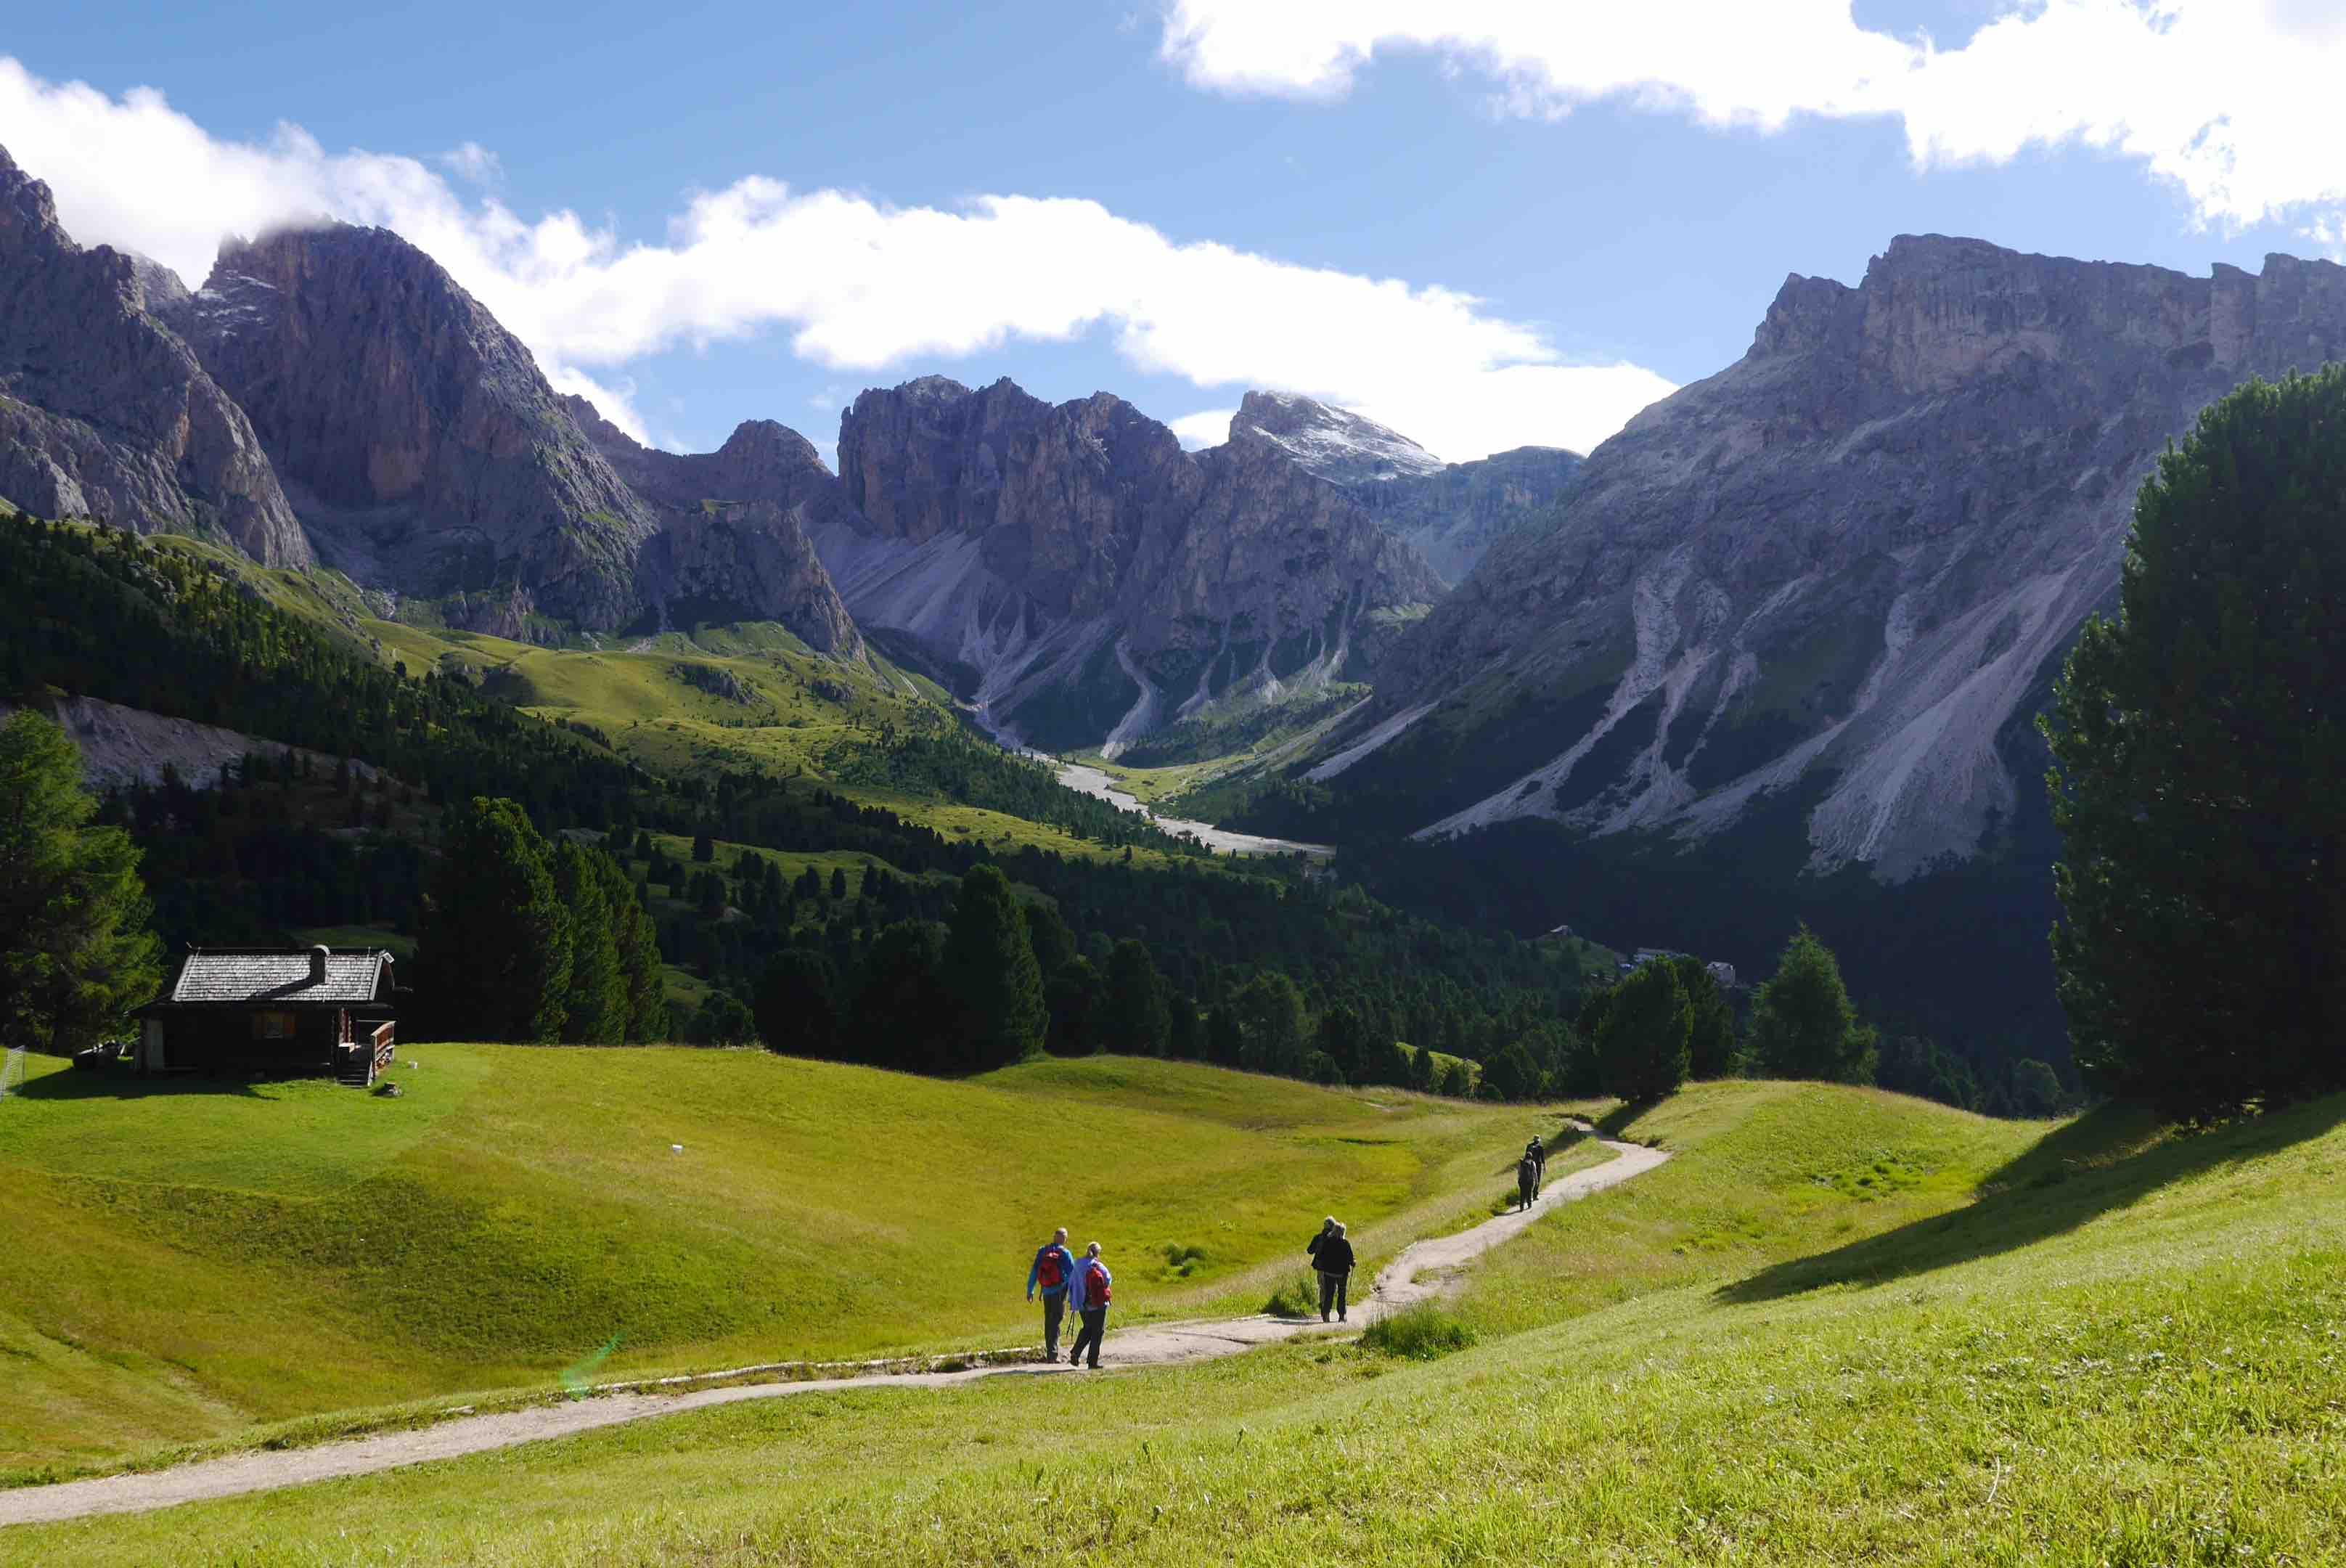 Site de rencontre pour amoureux de la montagne